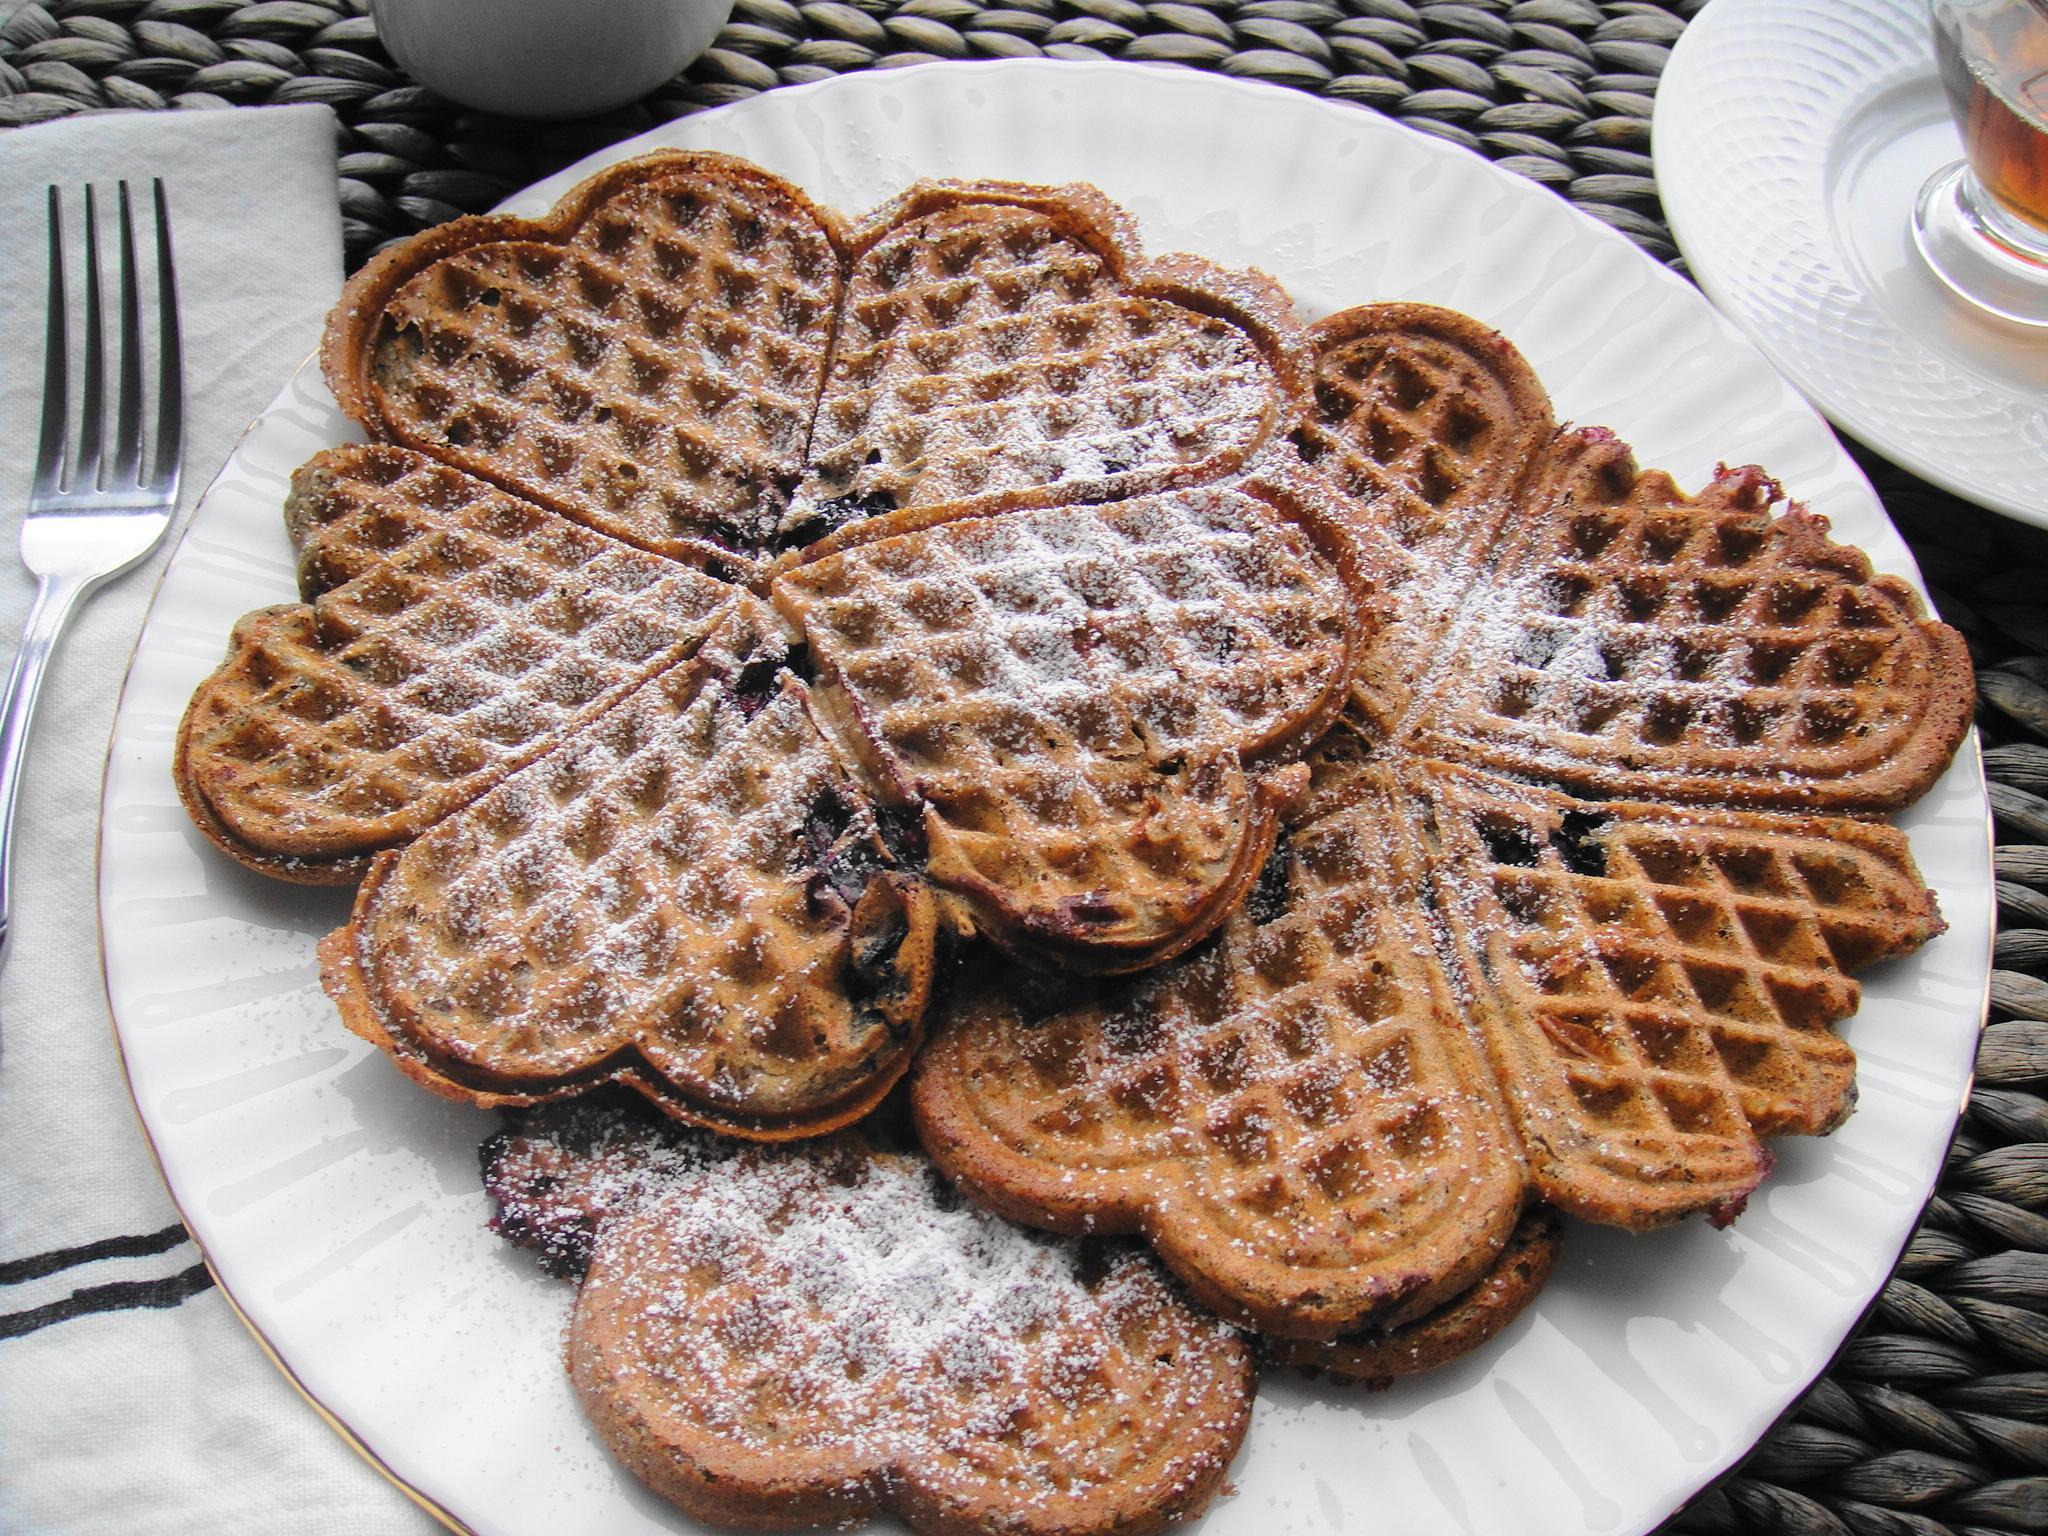 Blueberry Buckwheat Waffles